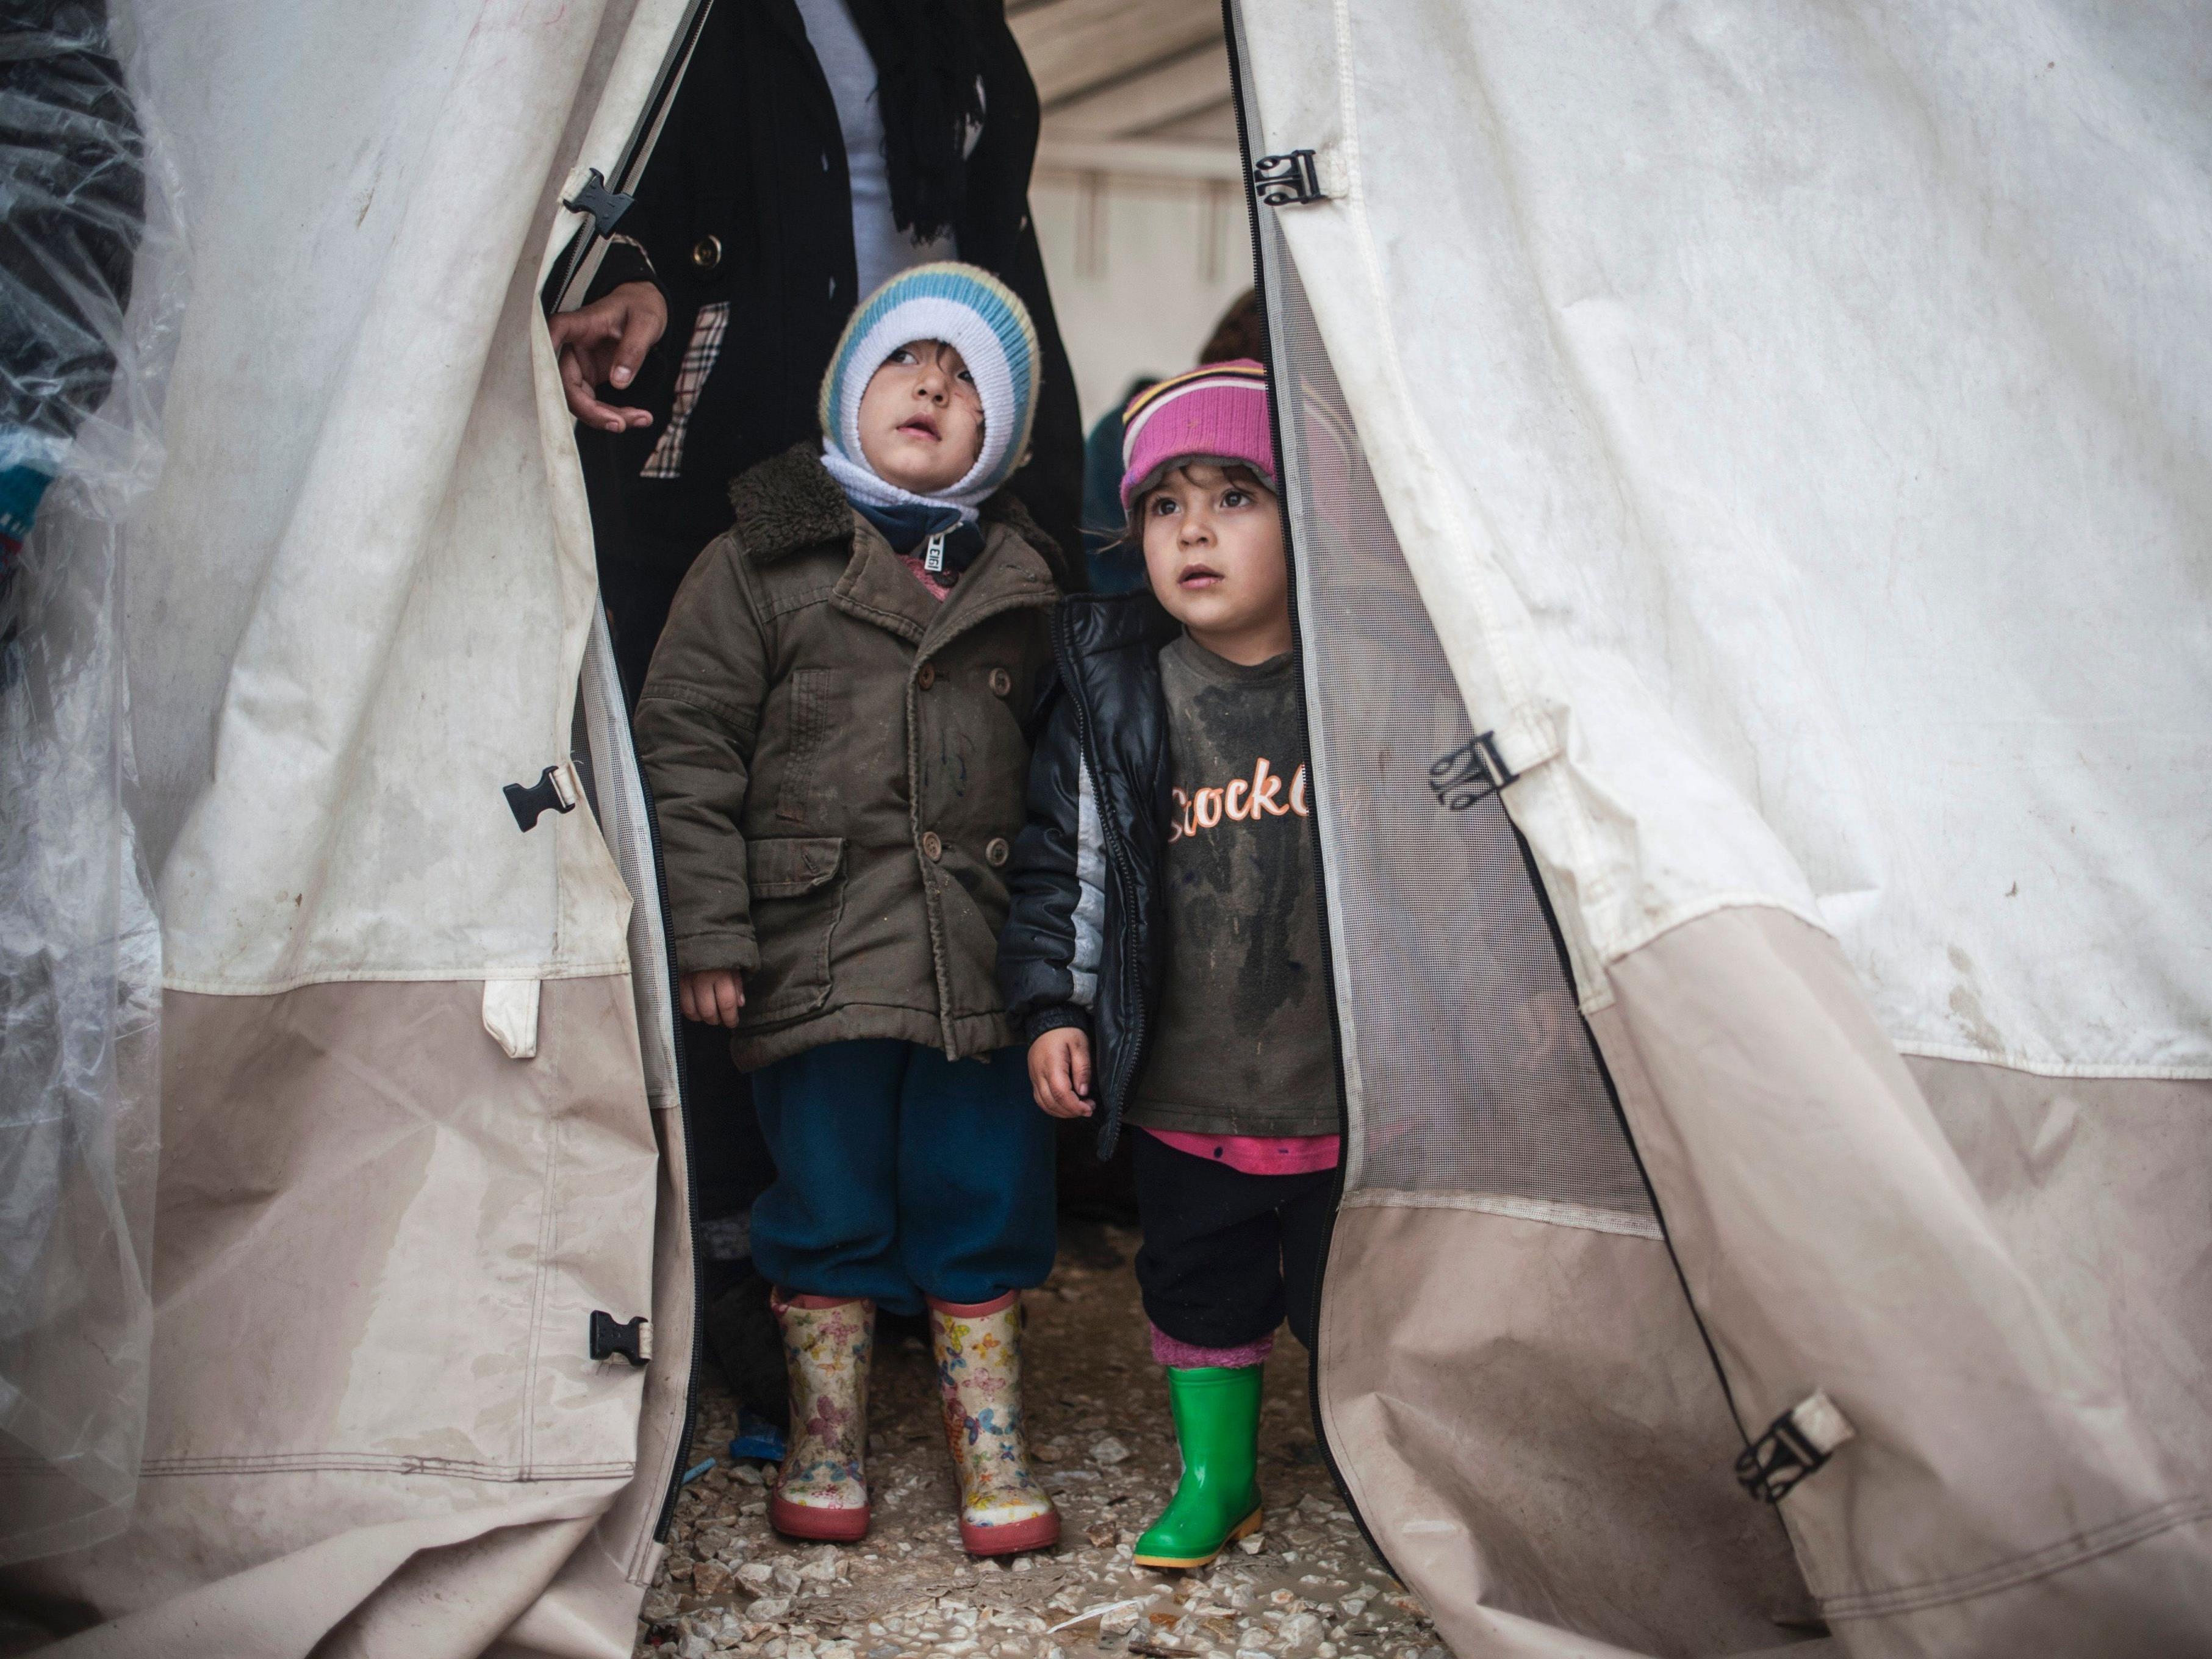 Flüchtlinge - Bisher erst 272 in EU umverteilt